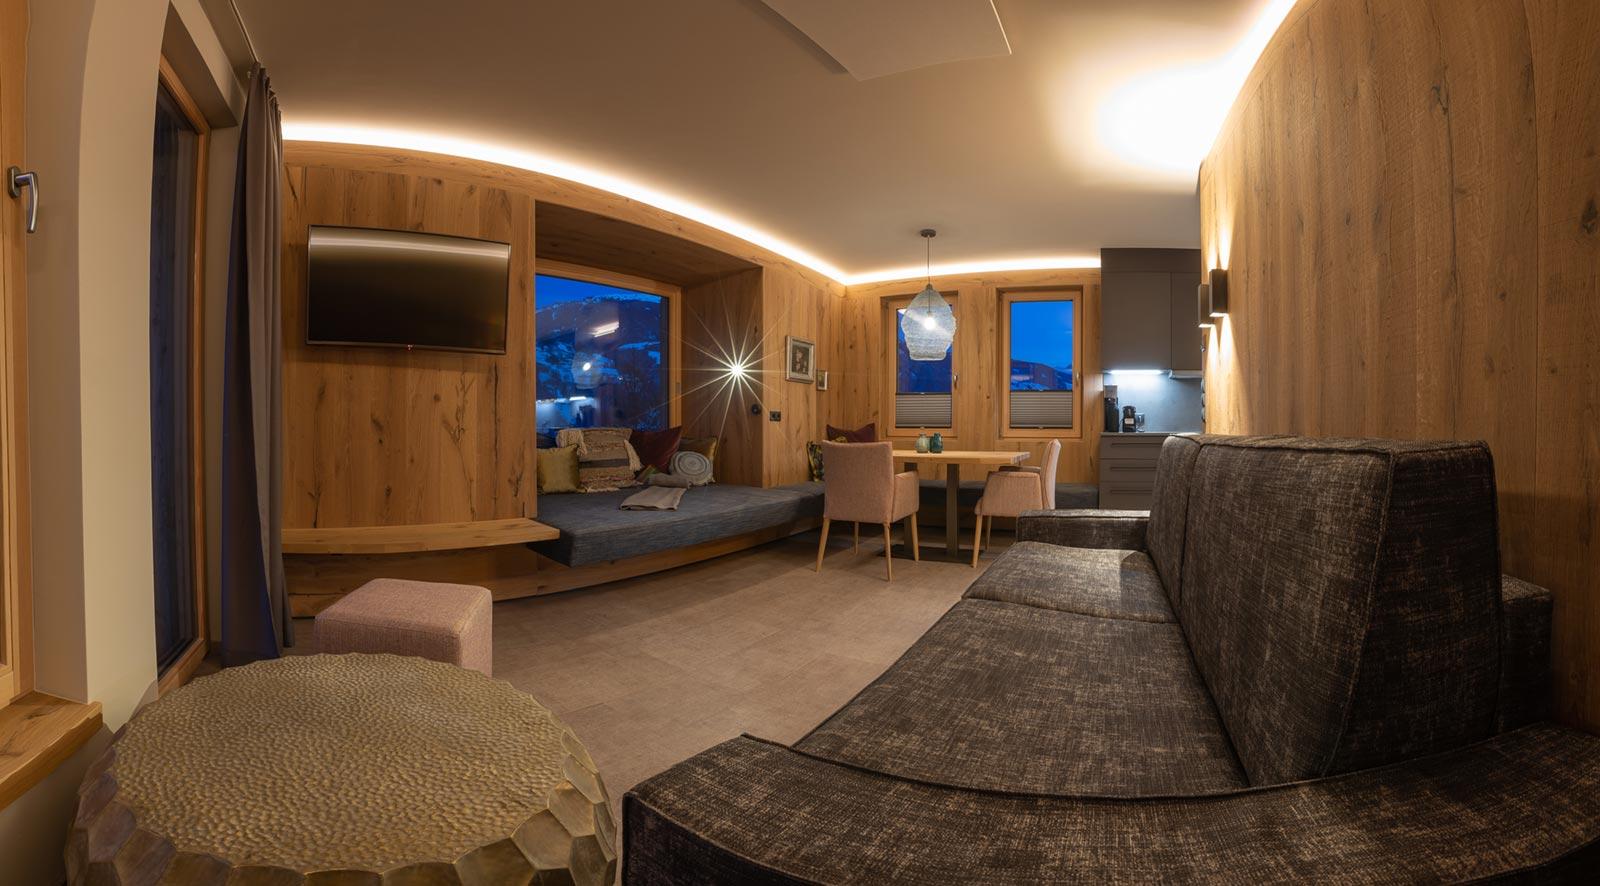 Vierklee Wohnzimmer